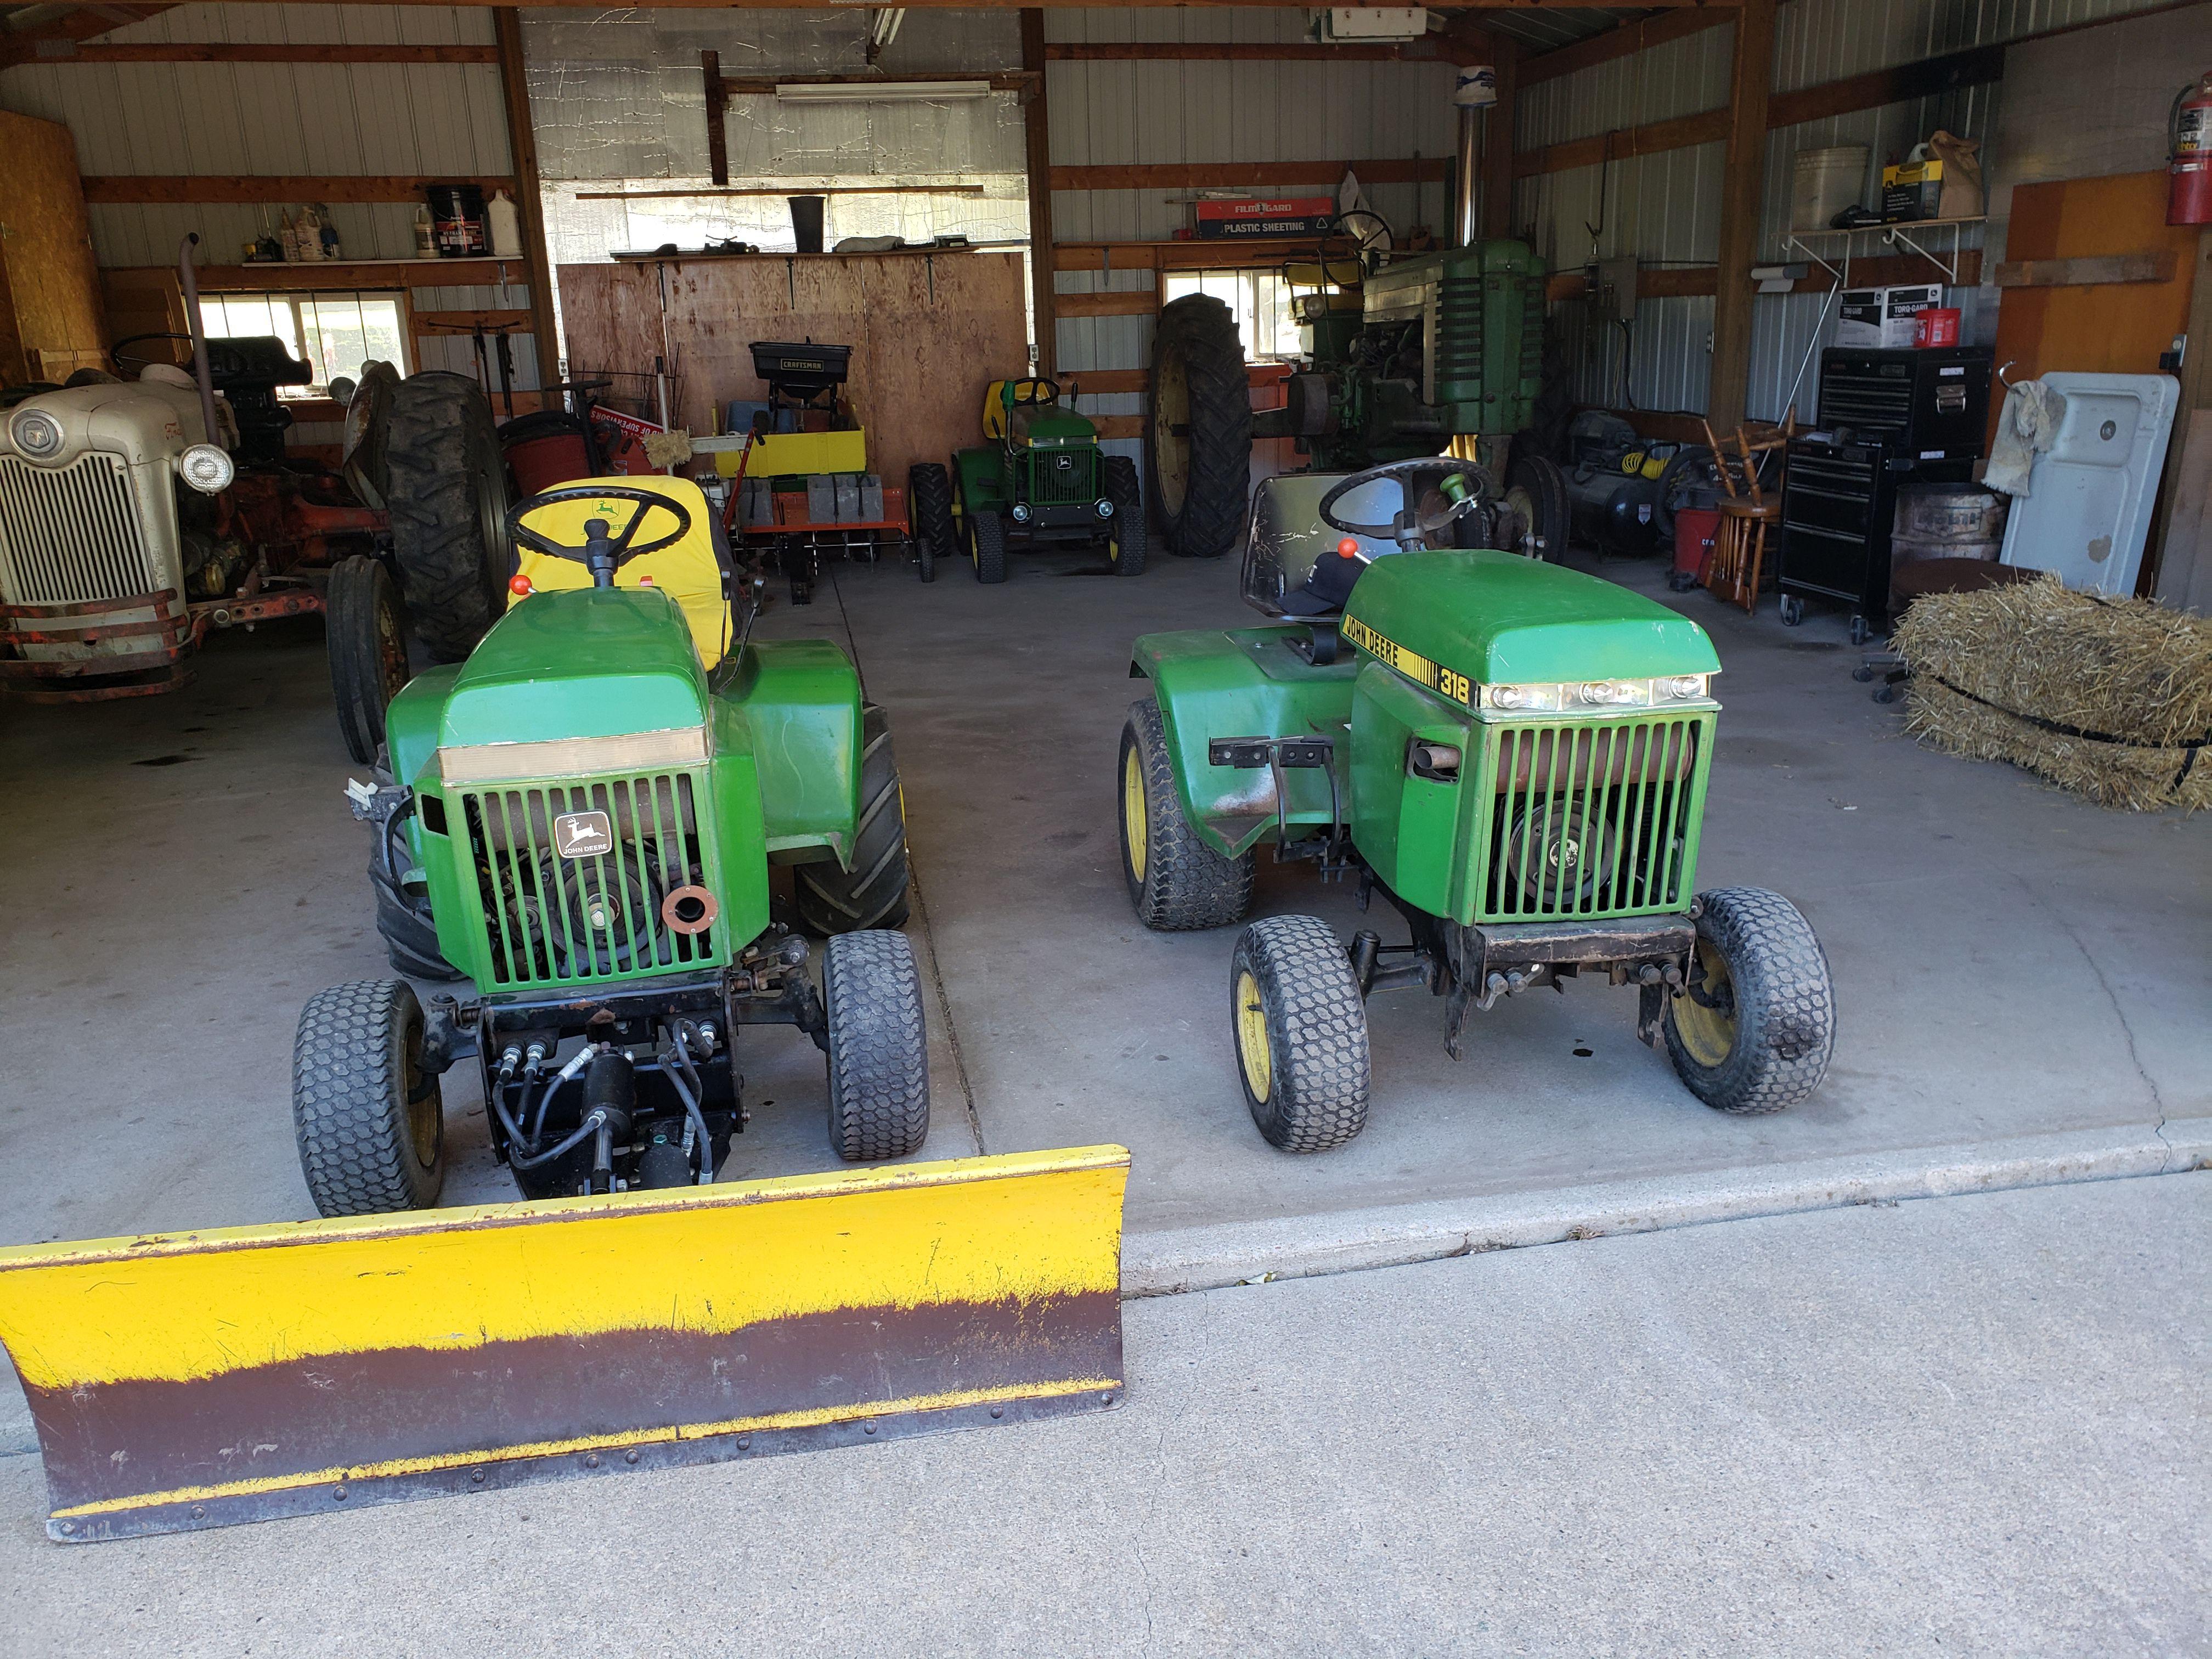 John Deere 318 Tractor image 1